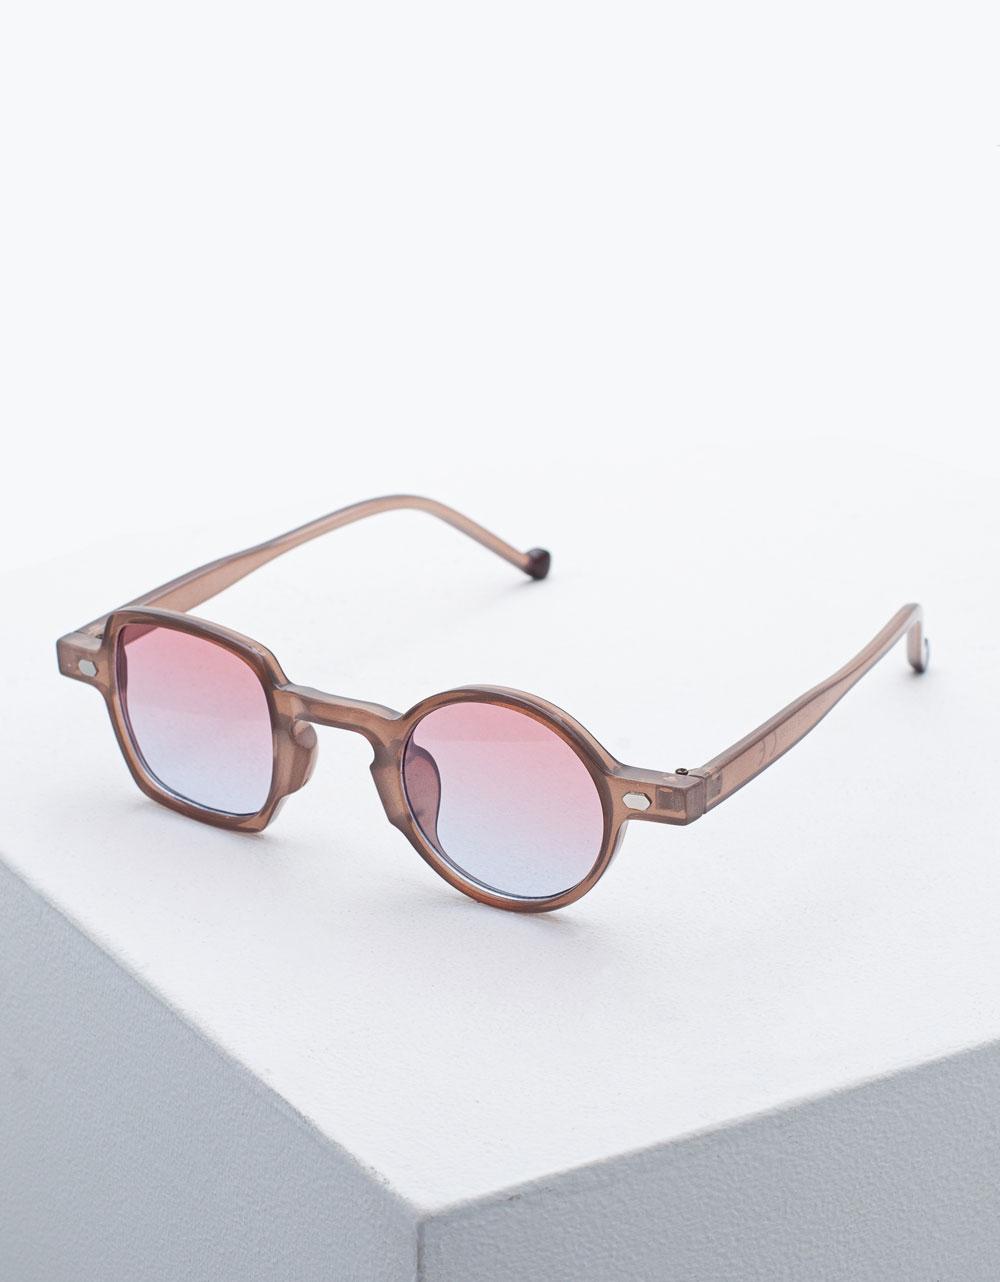 Εικόνα από Γυναικεία γυαλιά ηλίου με διαφορετικό σχήμα Καφέ